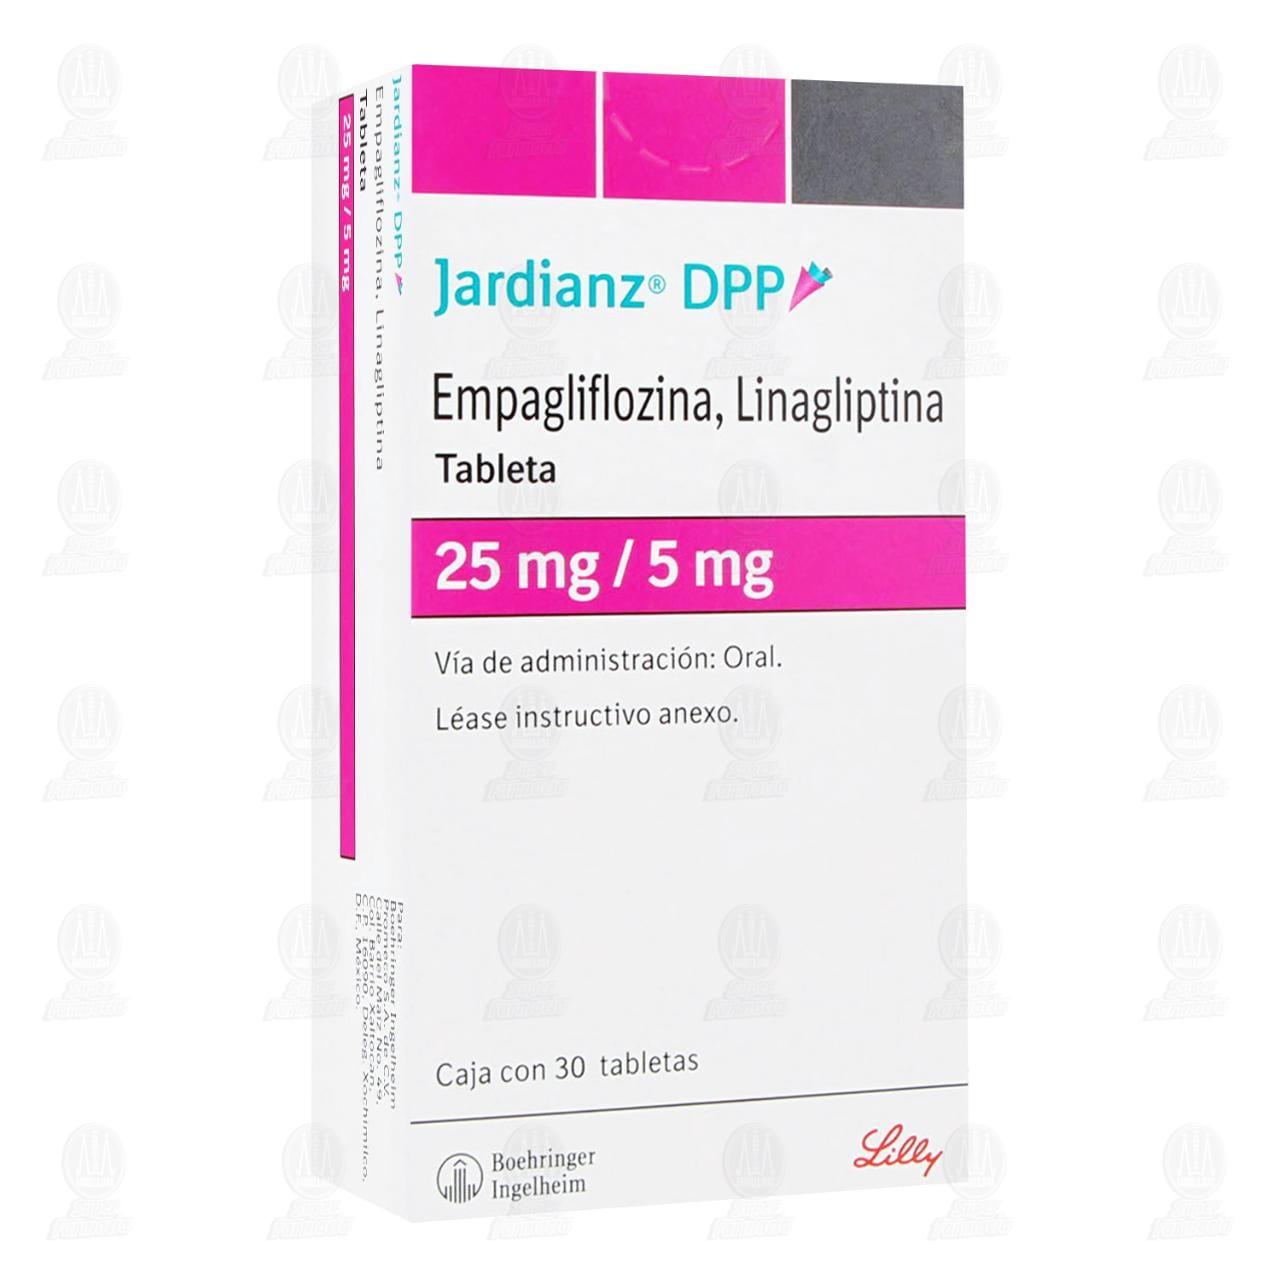 Comprar Jardianz DPP 25/5mg 30 Tabletas en Farmacias Guadalajara